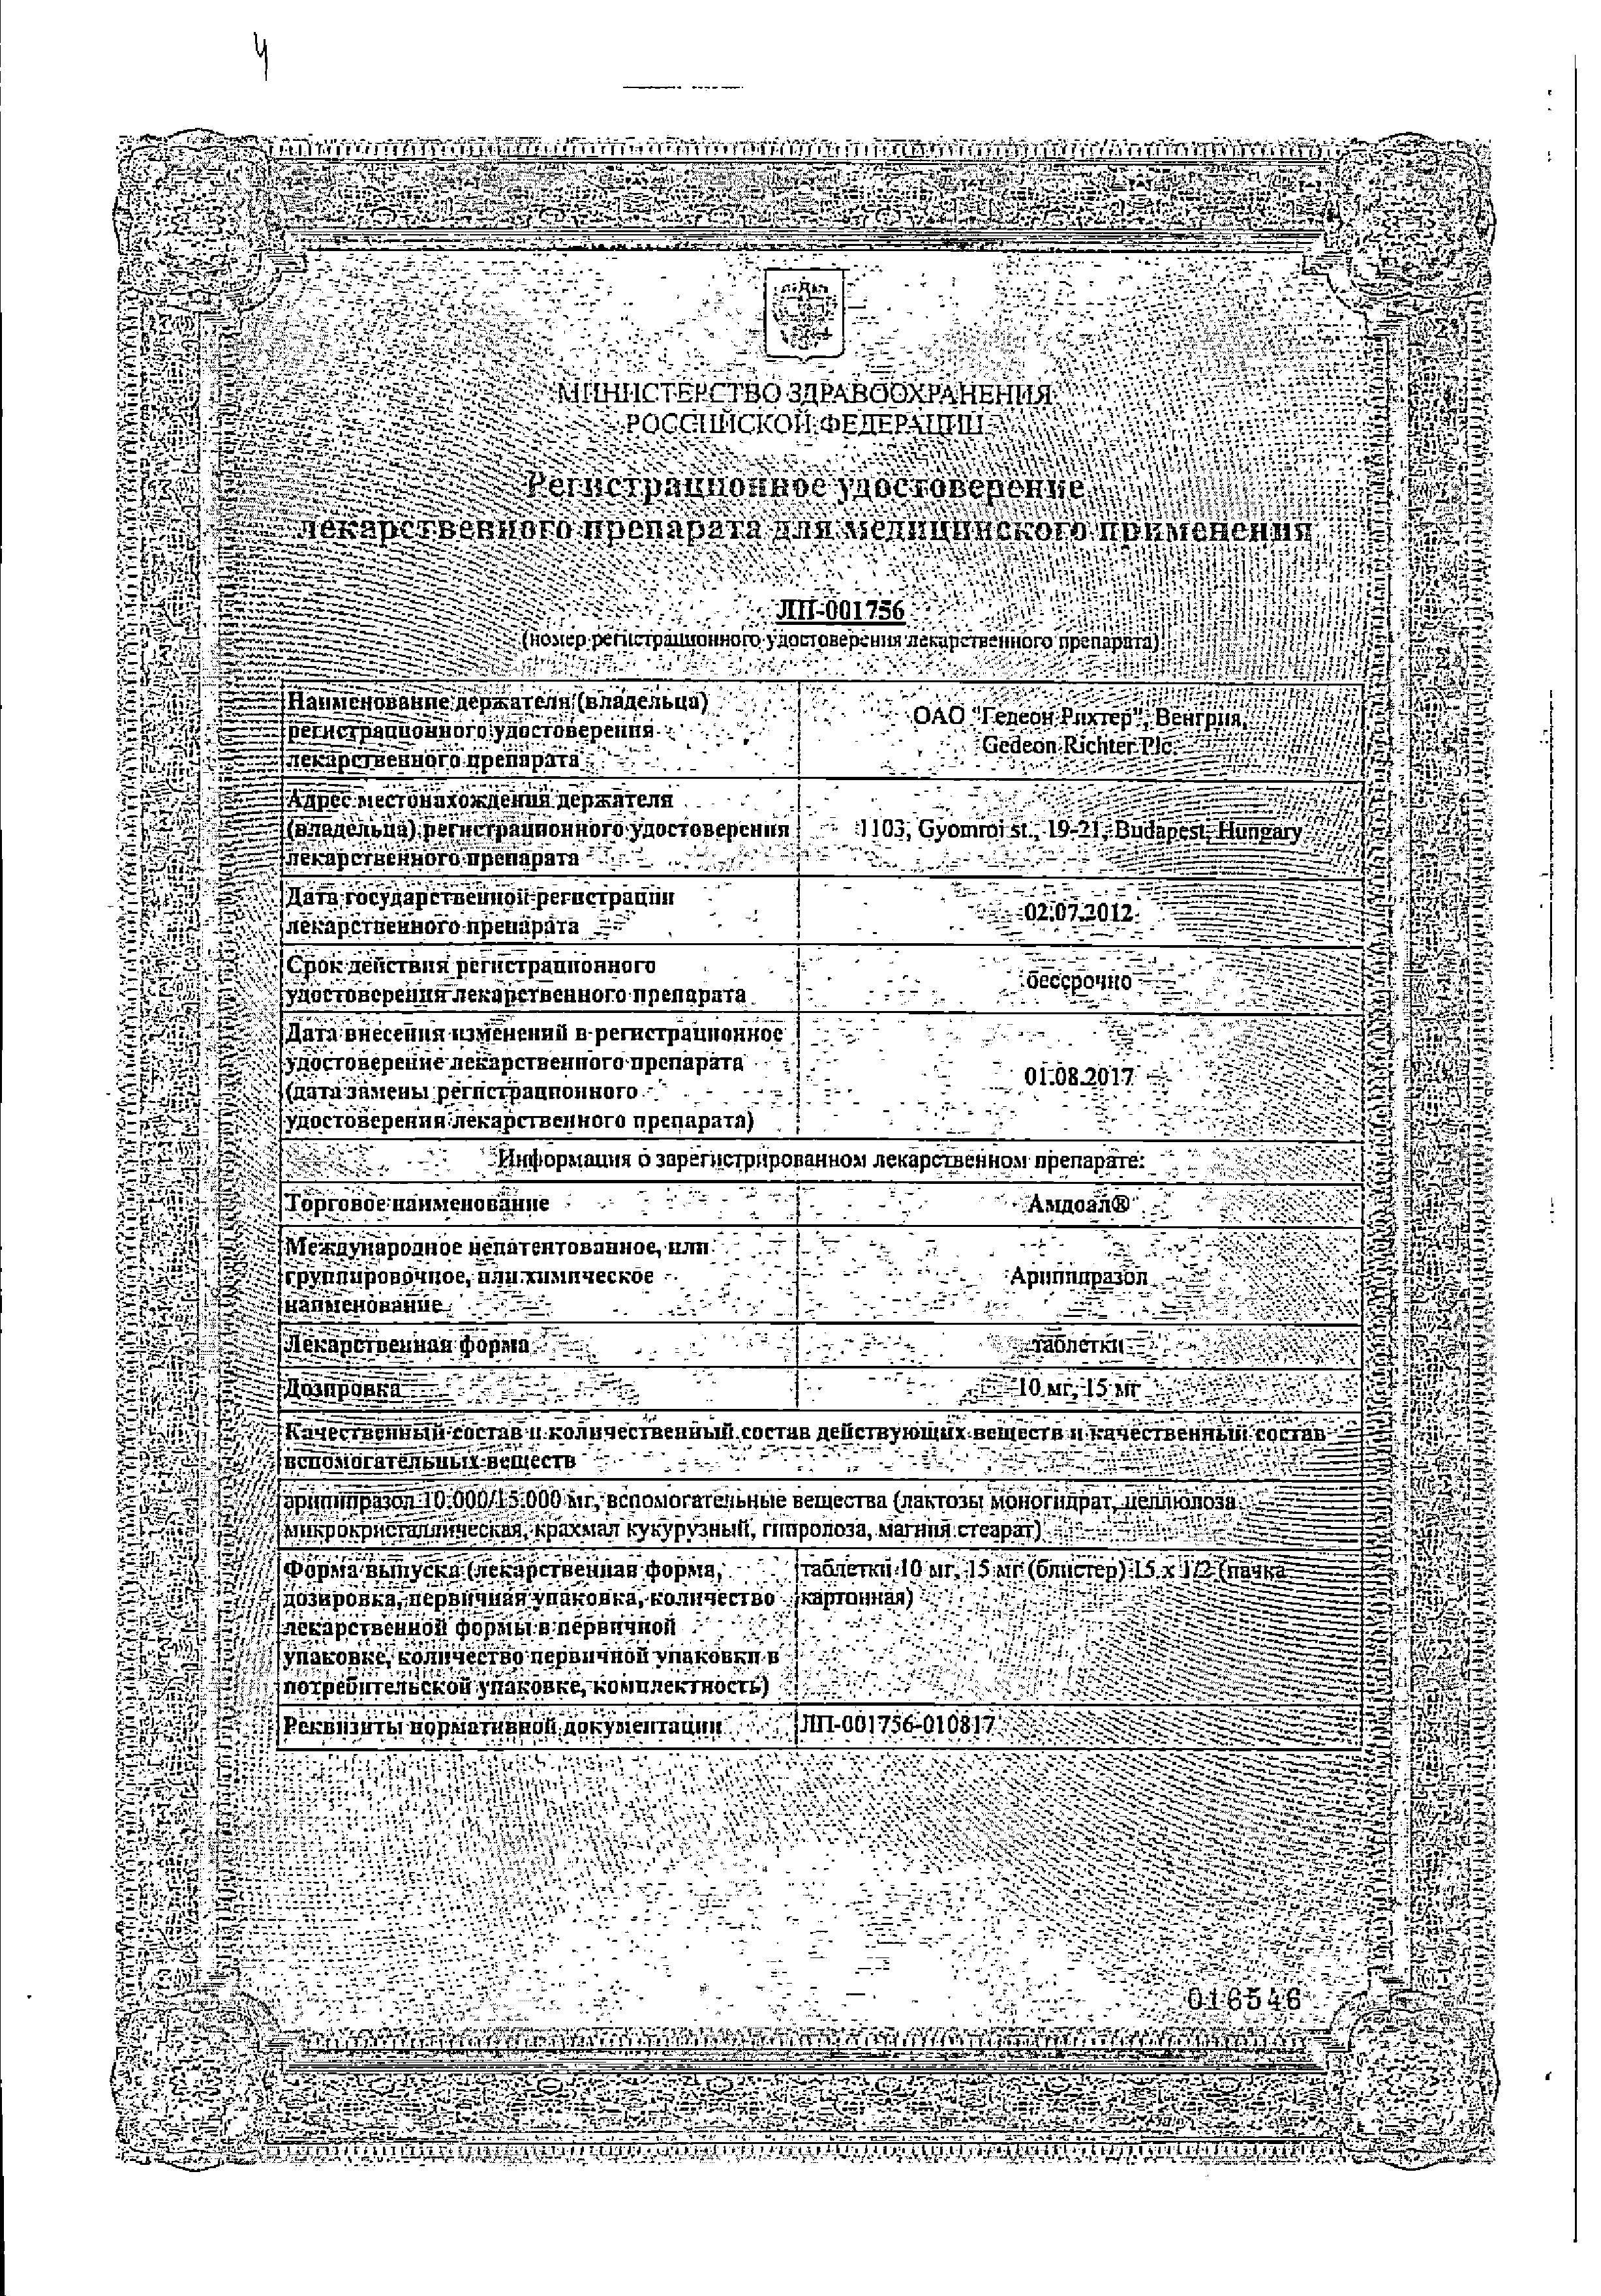 Амдоал сертификат